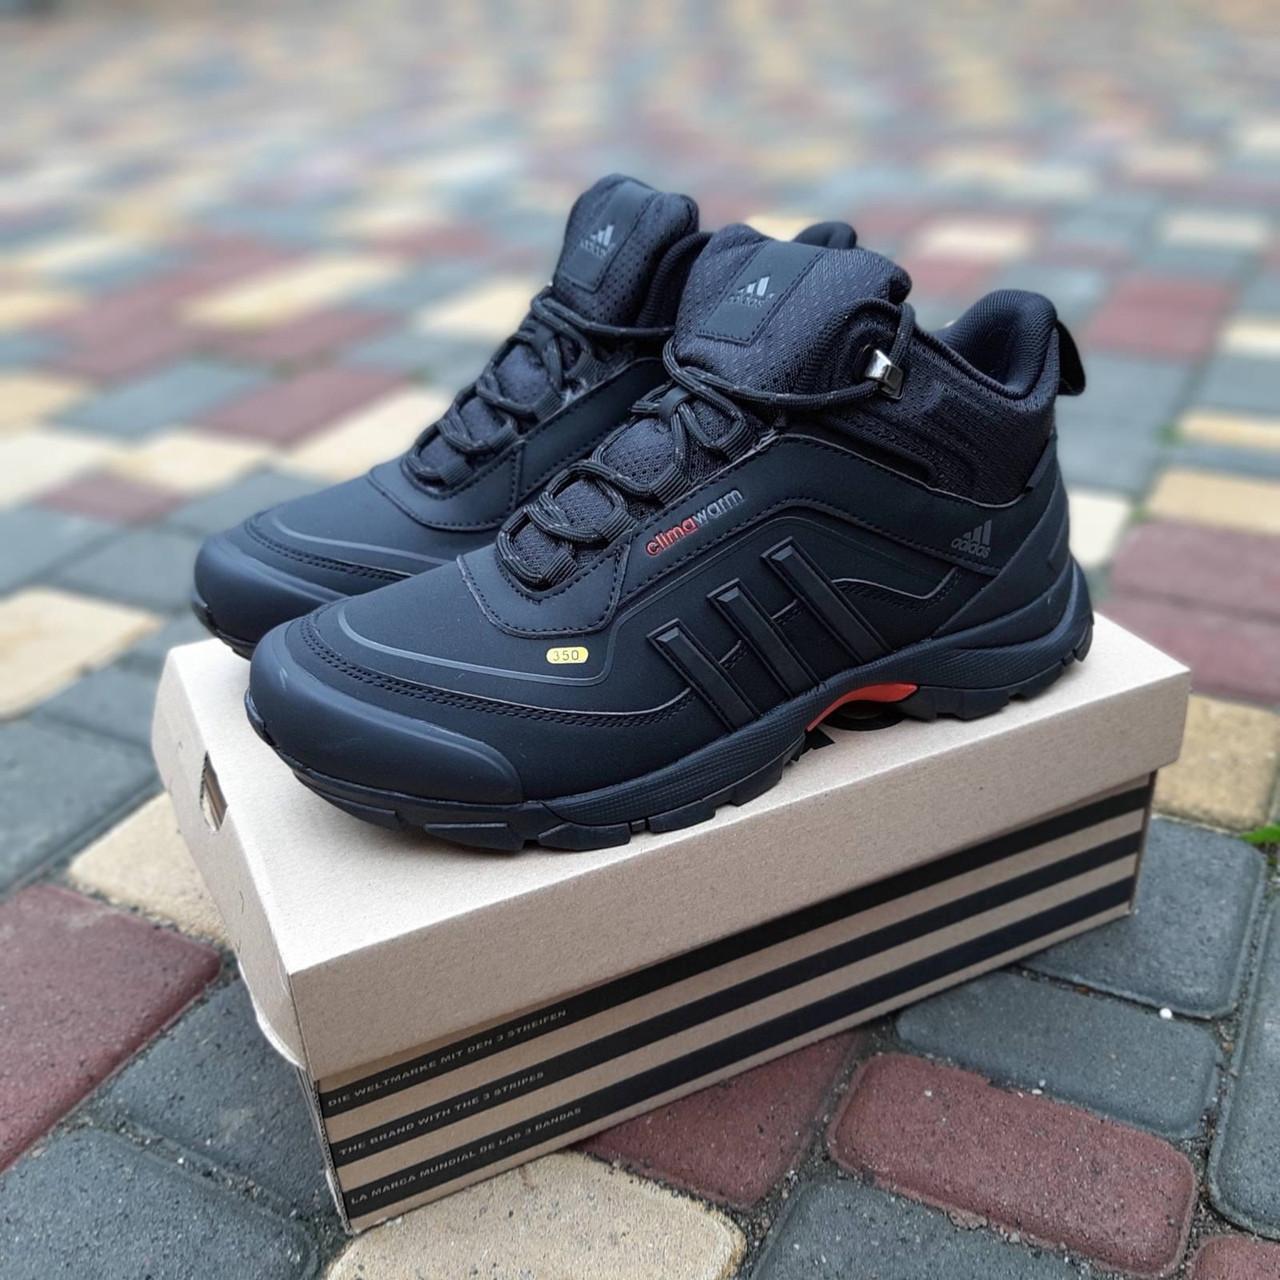 Мужские зимние кроссовки Adidas ClimaWARM 350 (черно-серые) 3657